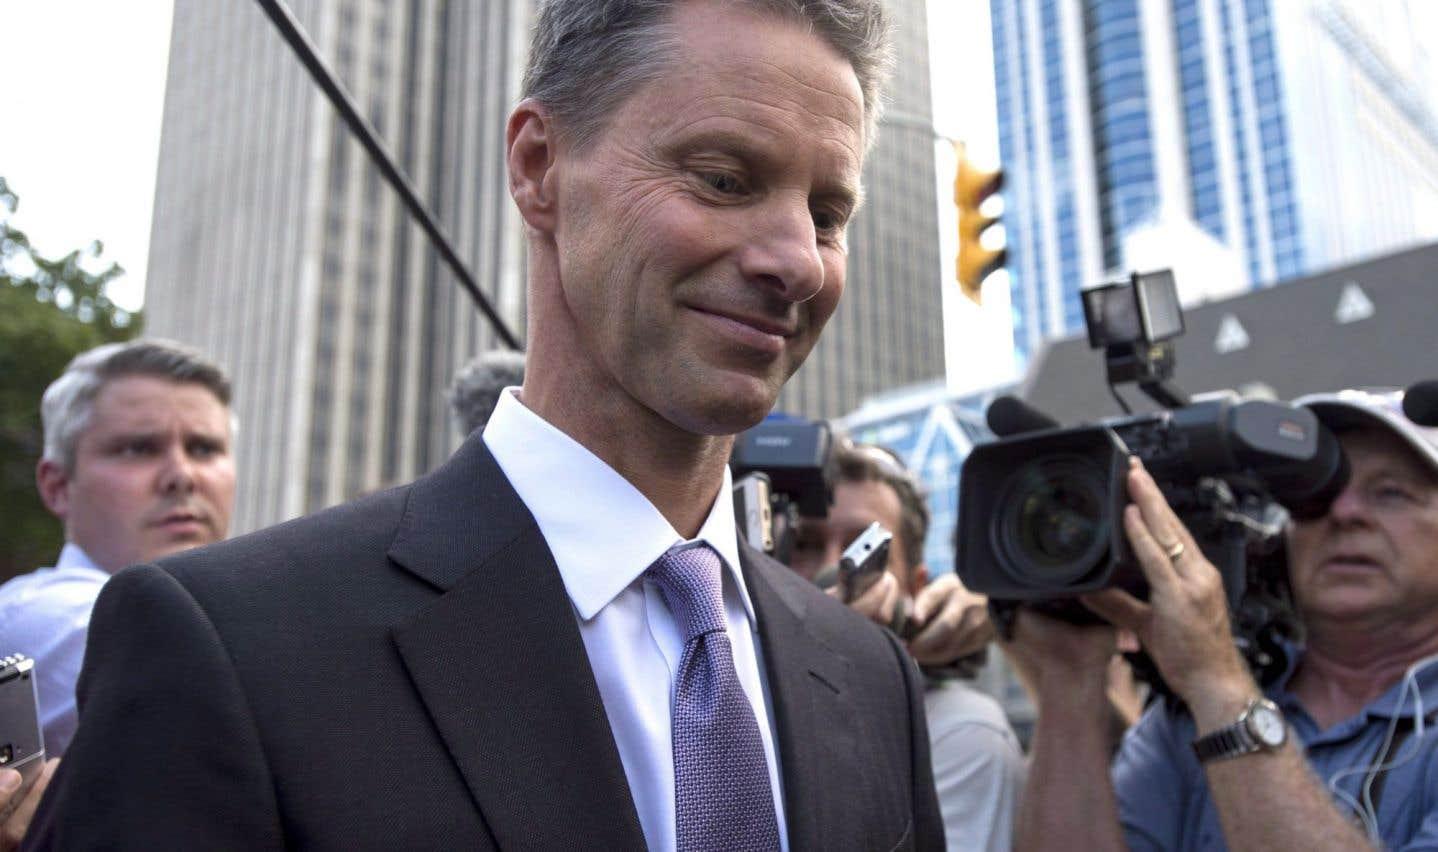 La commissaire aux conflits d'intérêts a conclu que Nigel Wright avait enfreint la Loi en tentant de convaincre le Parti conservateur de rembourser les frais de logement de Mike Duffy.